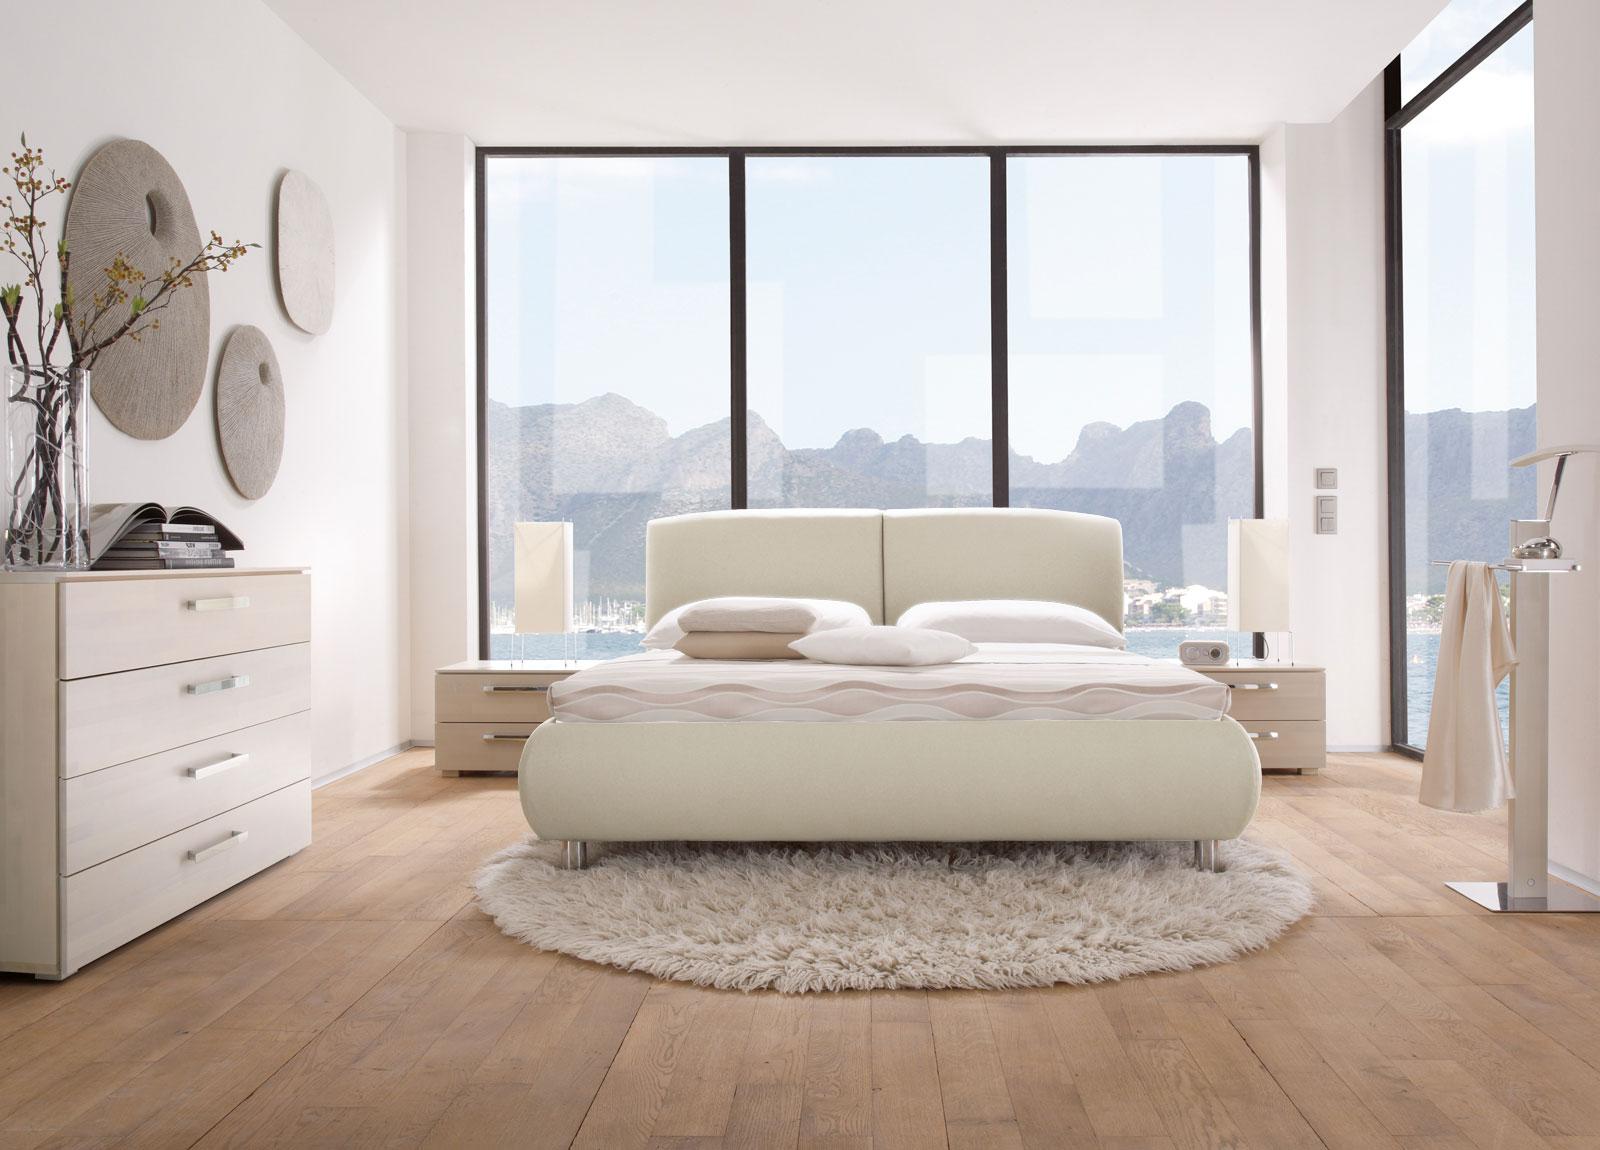 polsterbett aus kunstleder mit verstellbarem kopfteil - oristano - Schlafzimmer Taupe Weis